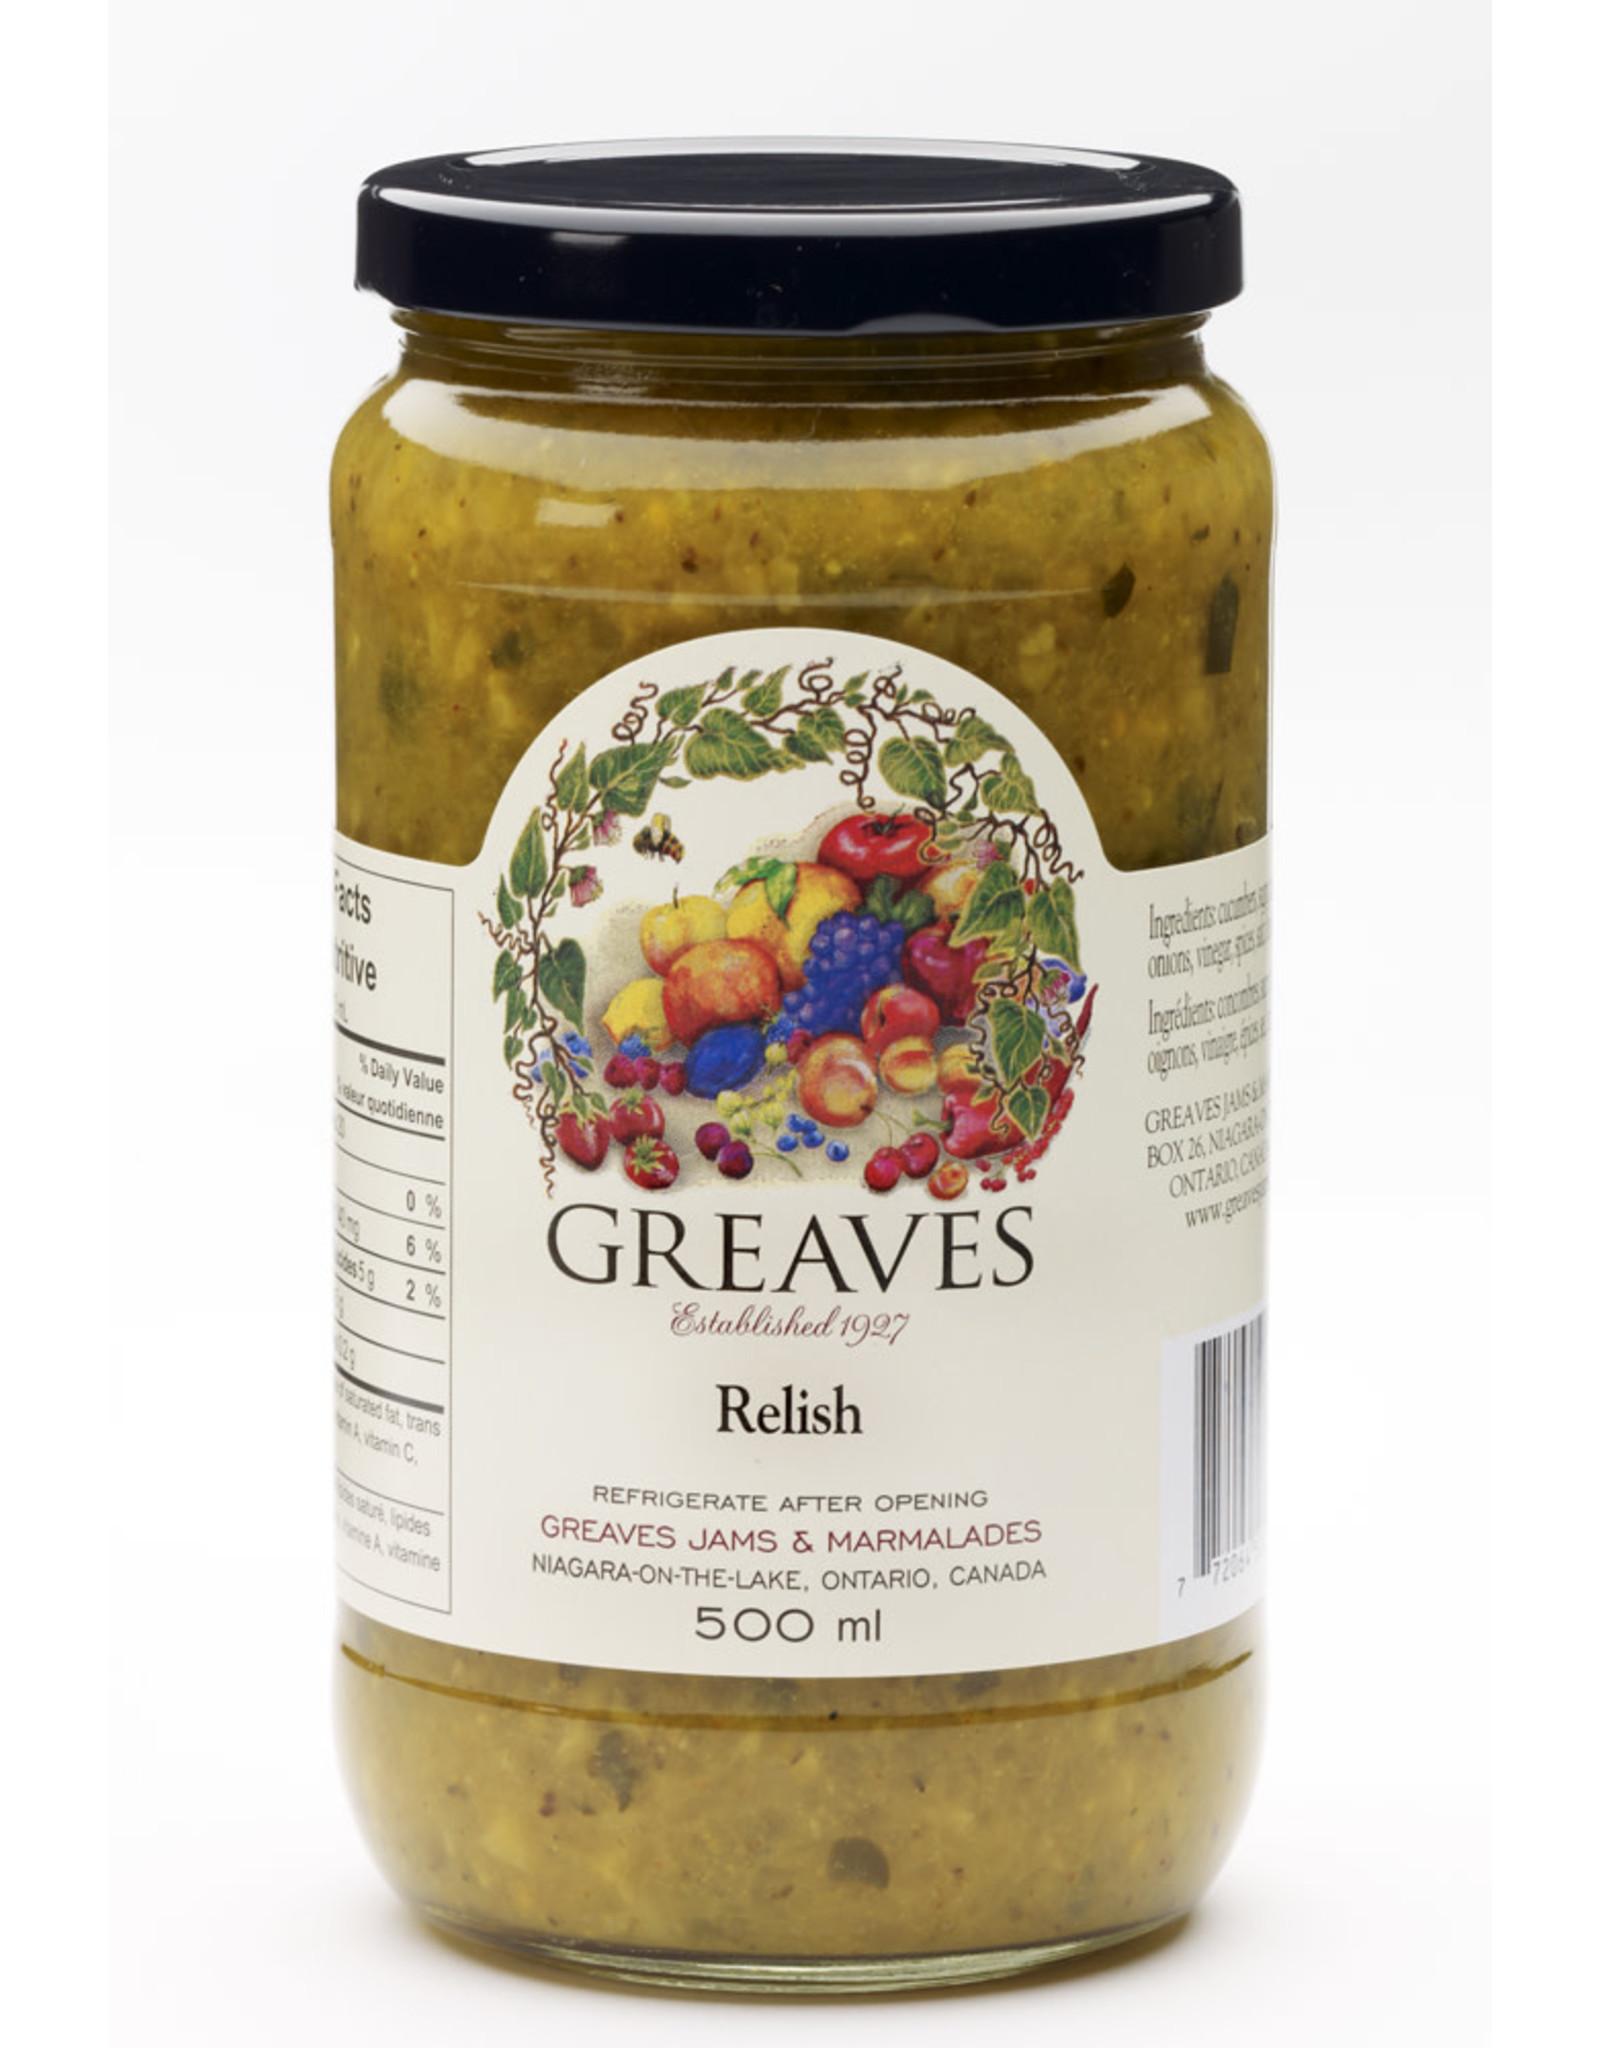 Greaves Jams & Marmalades Ltd. Greaves, Relish, 500ml